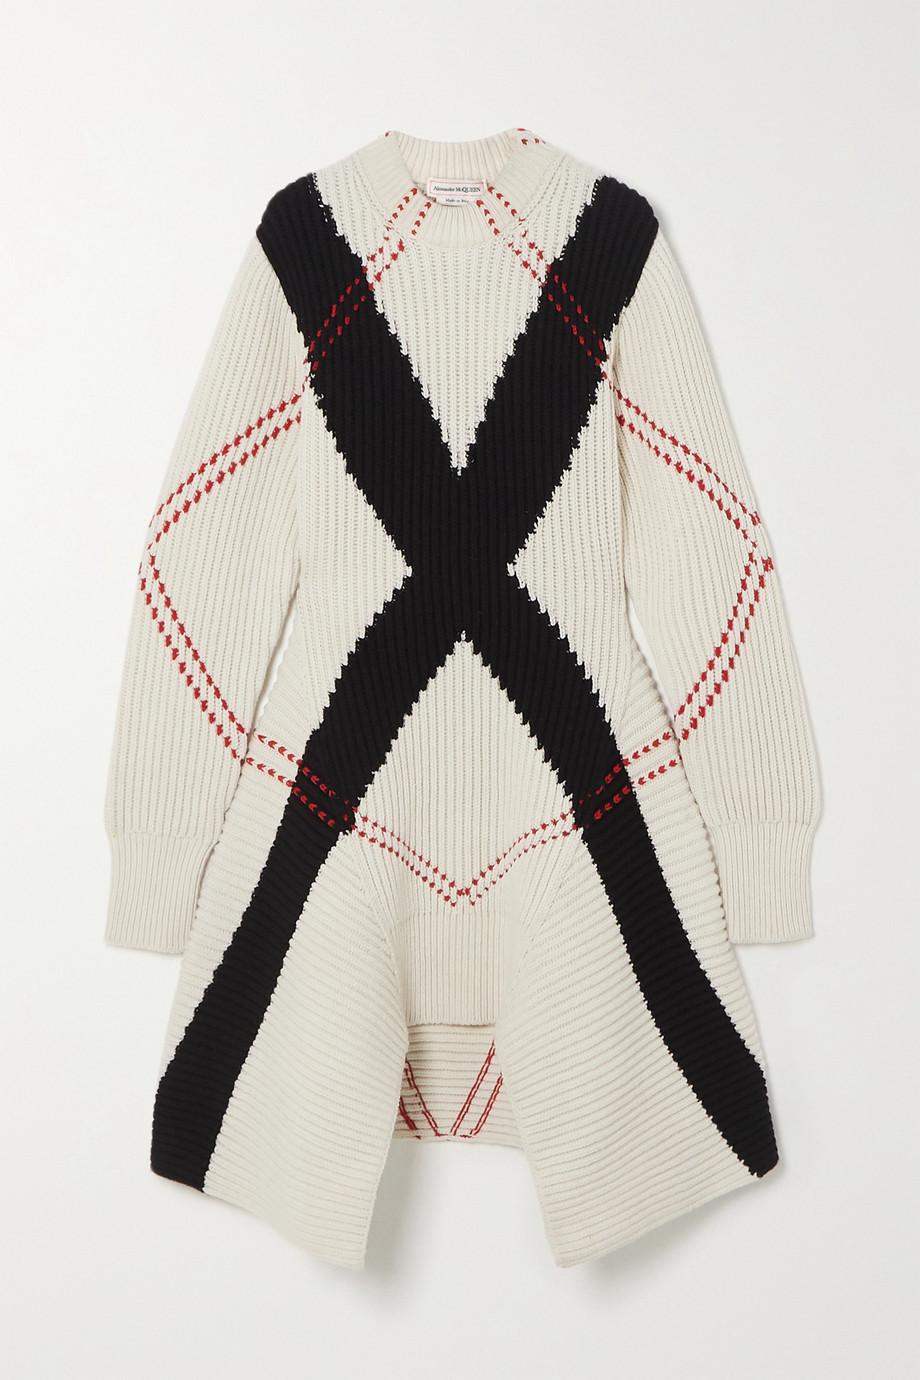 Alexander McQueen Asymmetrisches Kleid aus einer gerippten Woll-Kaschmirmischung mit Argyle-Muster